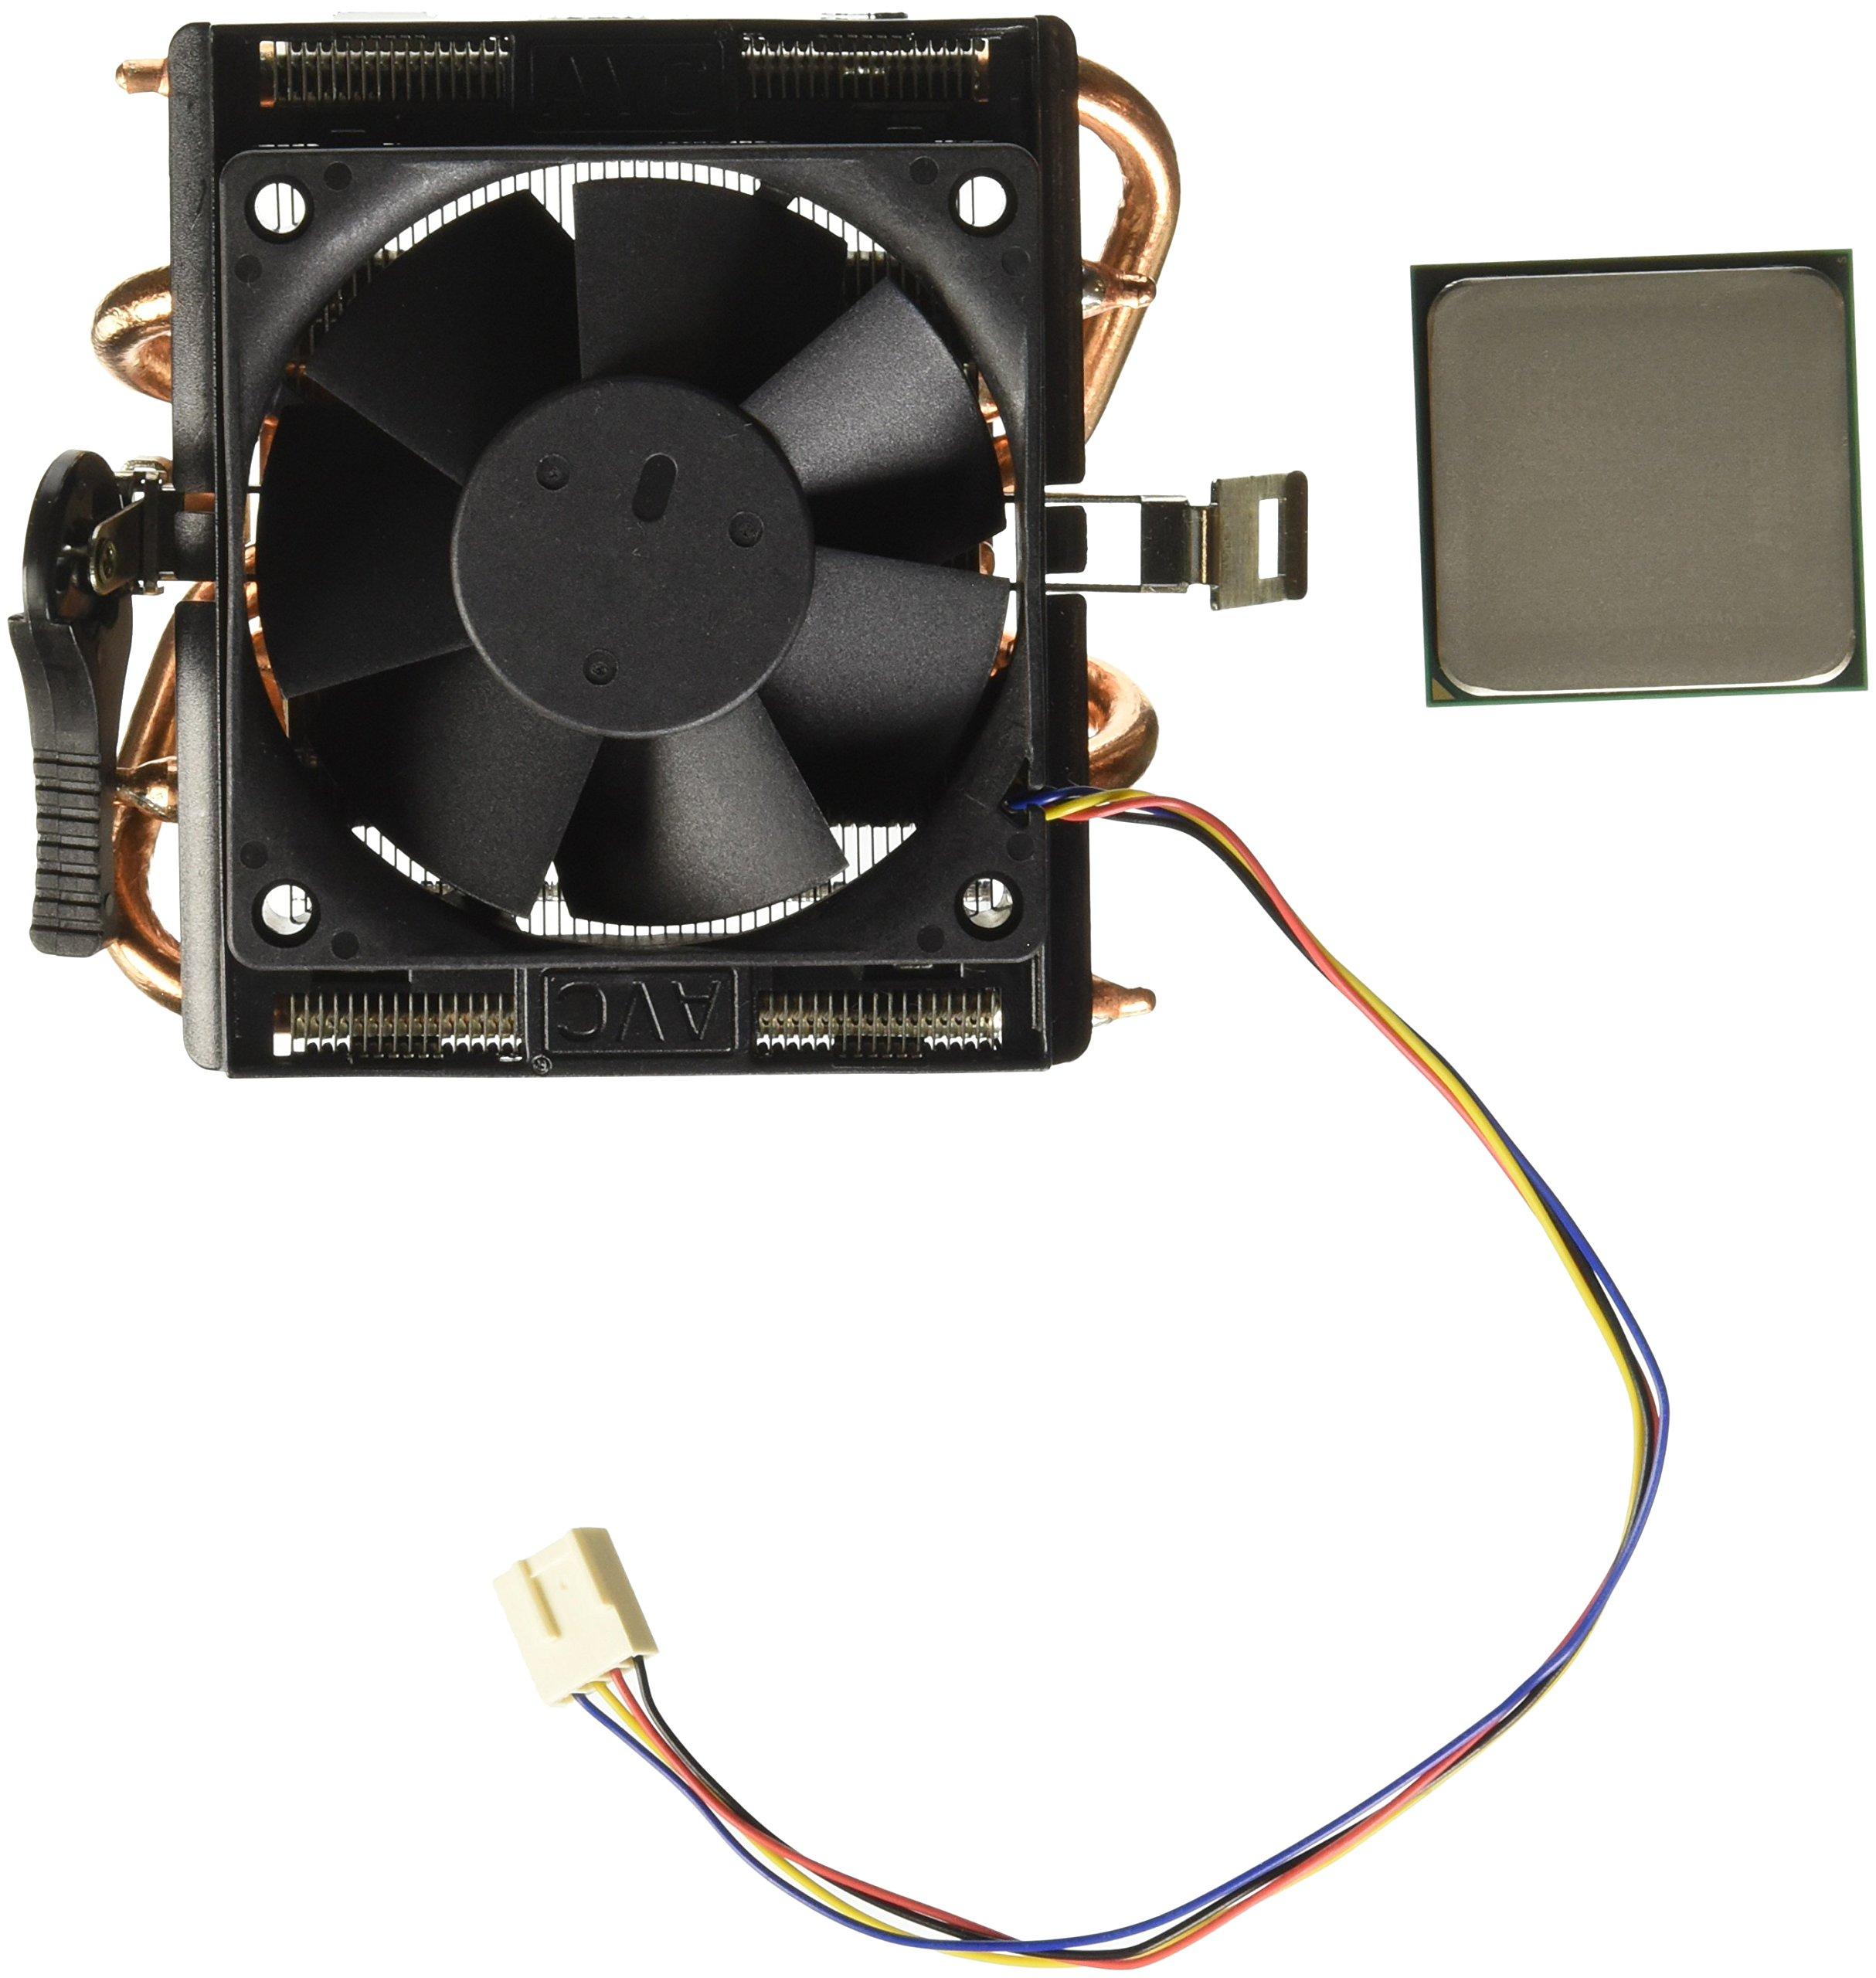 AMD FX-8350 Box Processore 4GHz, Socket AM3 +, 16MB di cache, 125 Watt